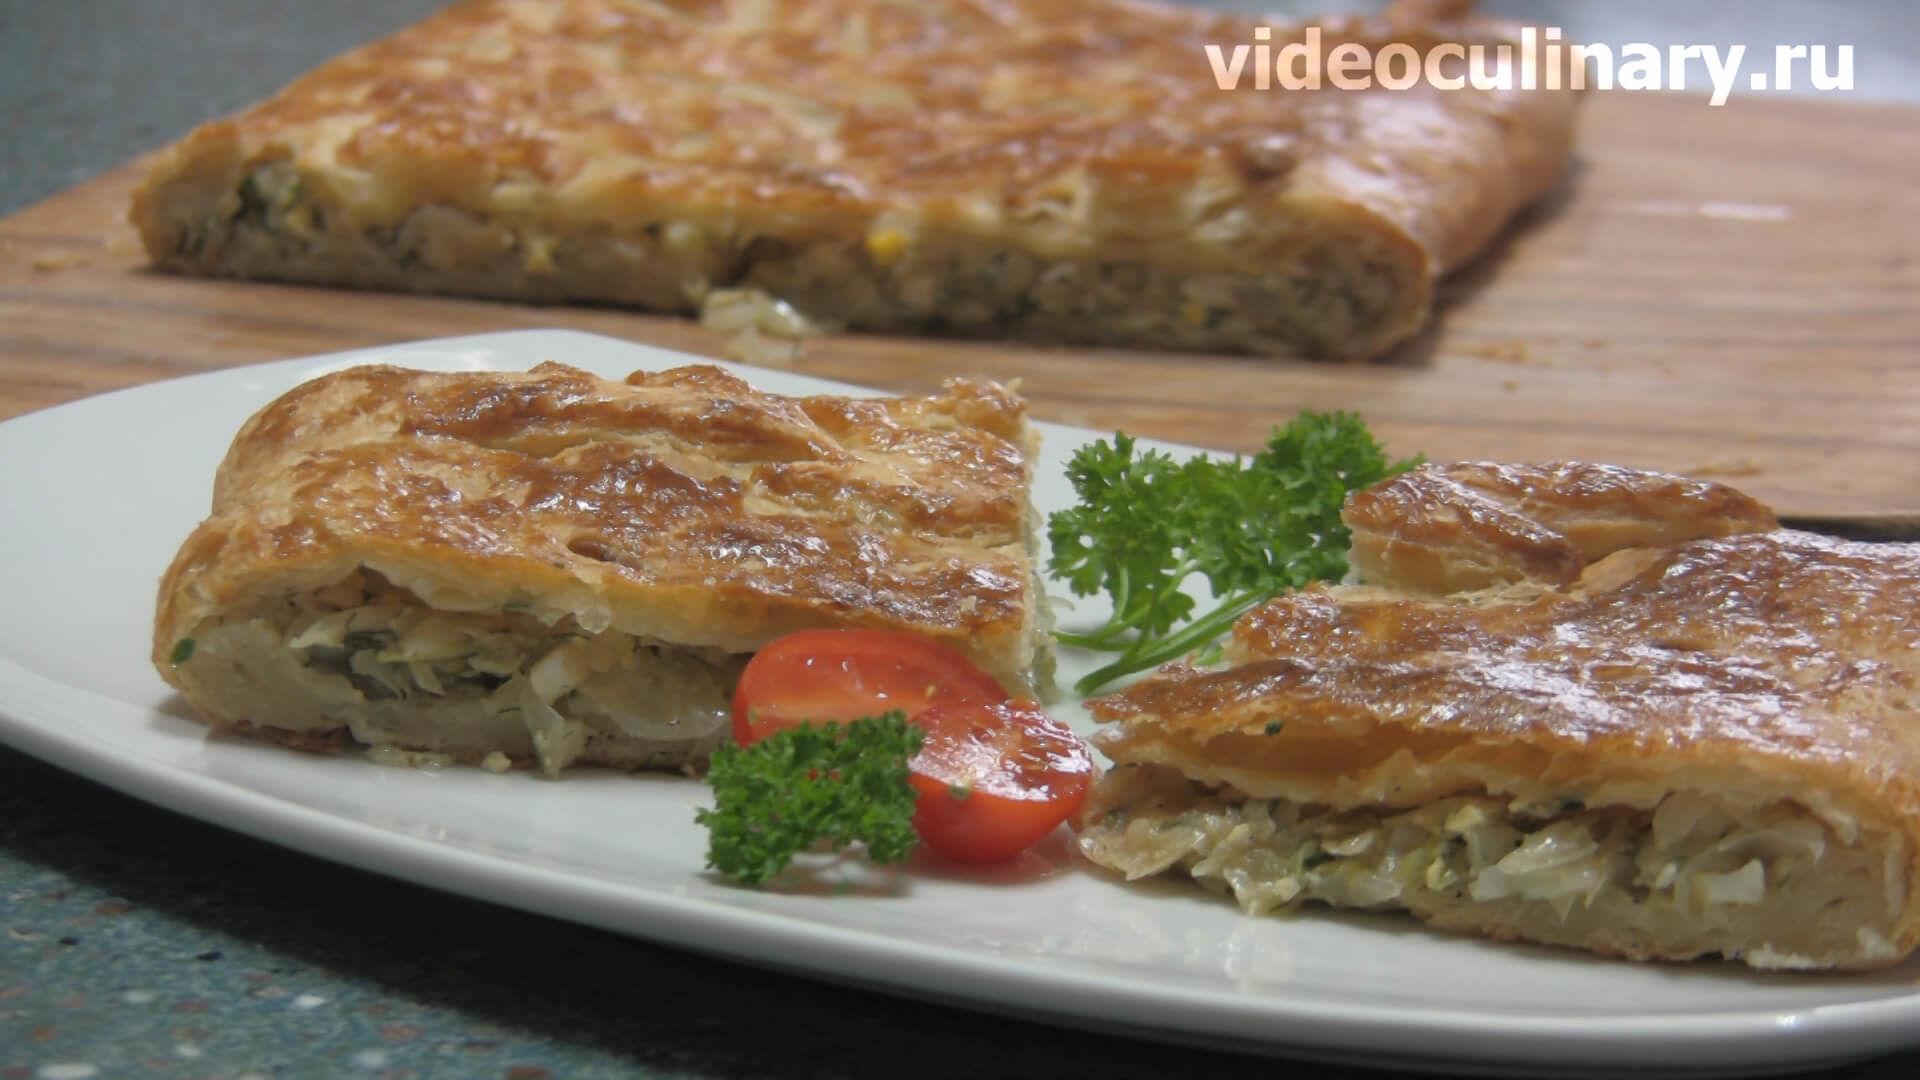 Пирог с капустой в слоеном тесте рецепт